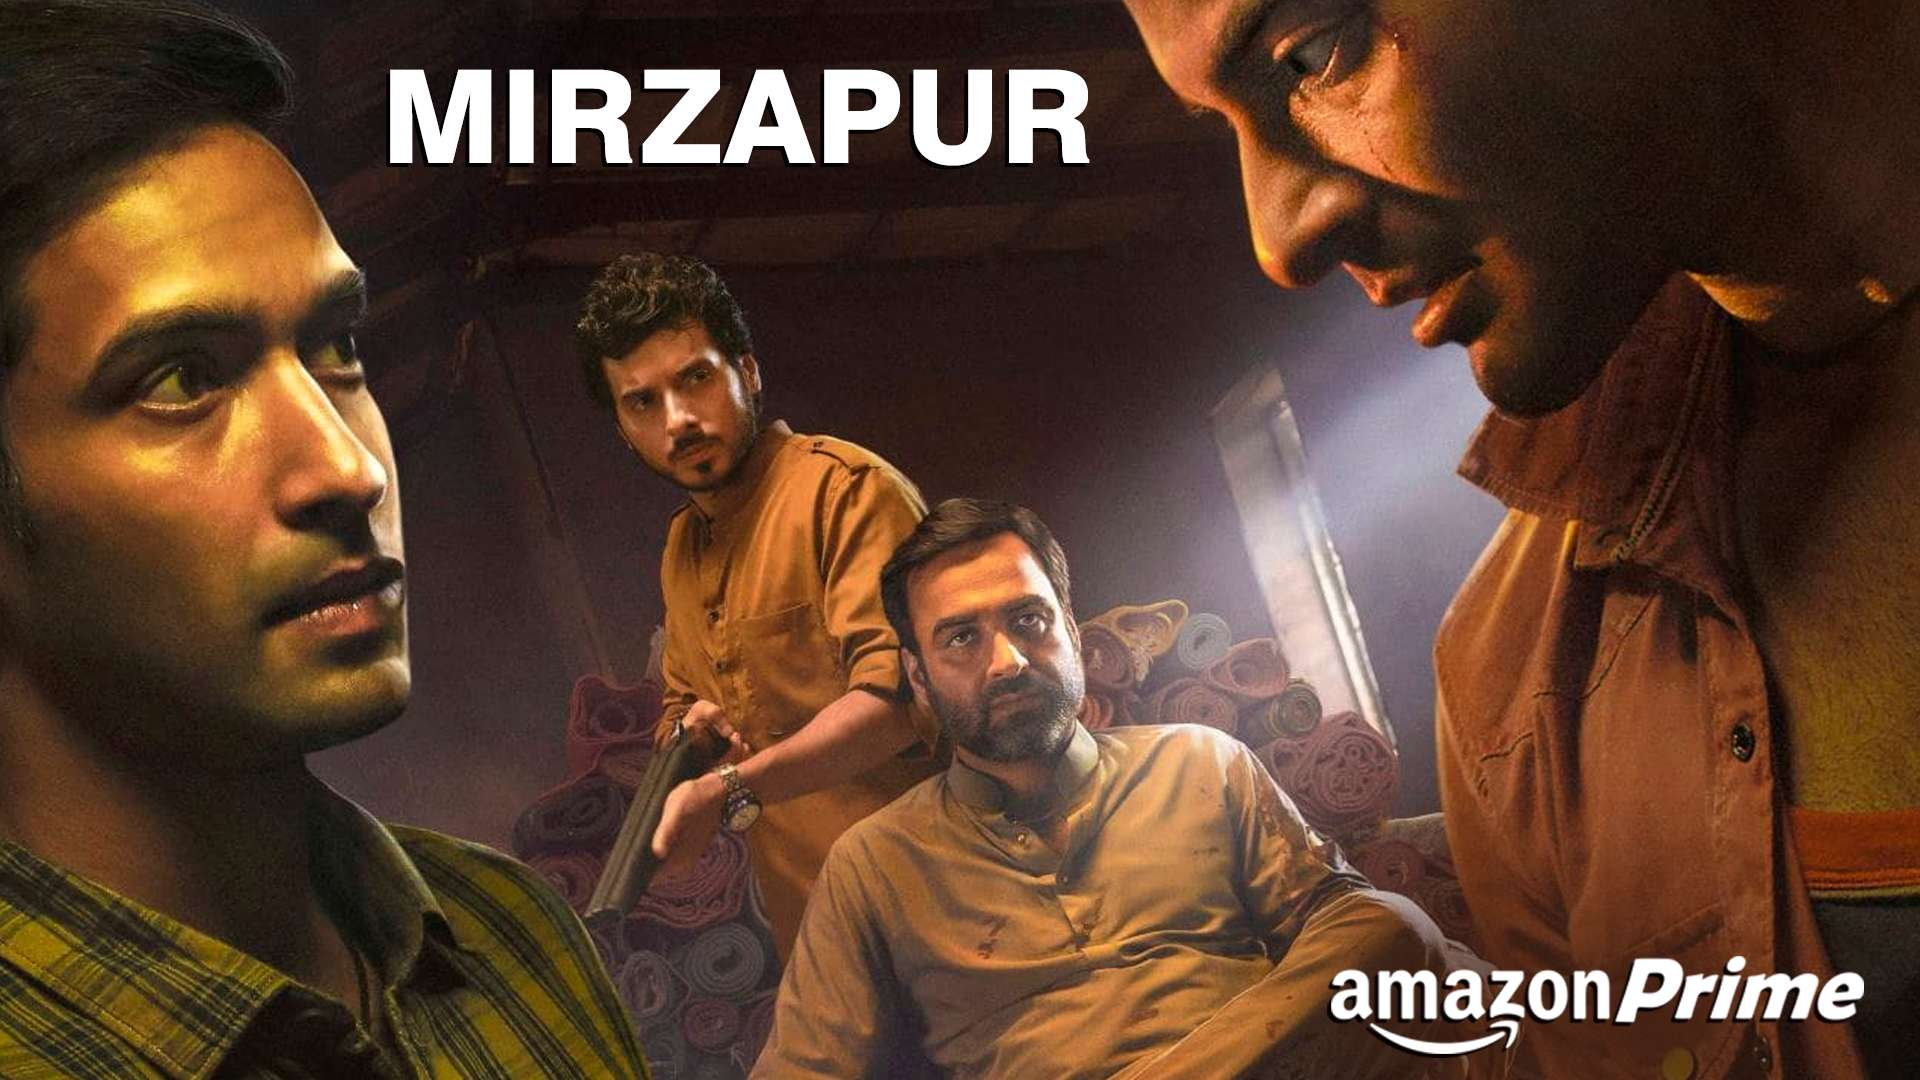 Amazon To Take Down Mirzapur After Yogi Renames The City To Mishrapur